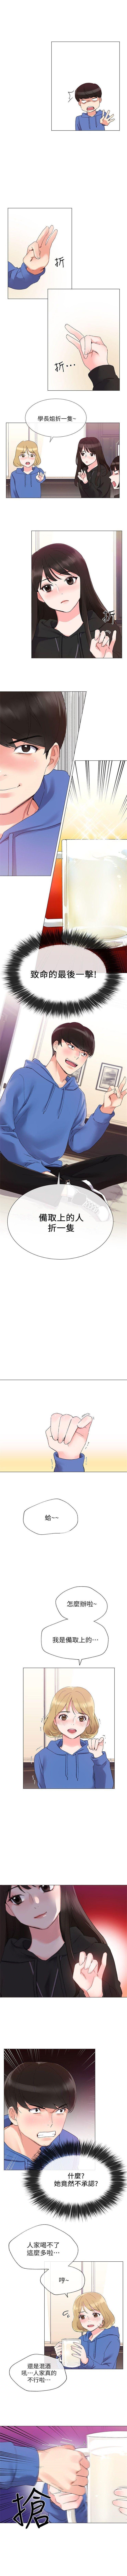 (週5)重考生 1-52 中文翻譯(更新中) 41